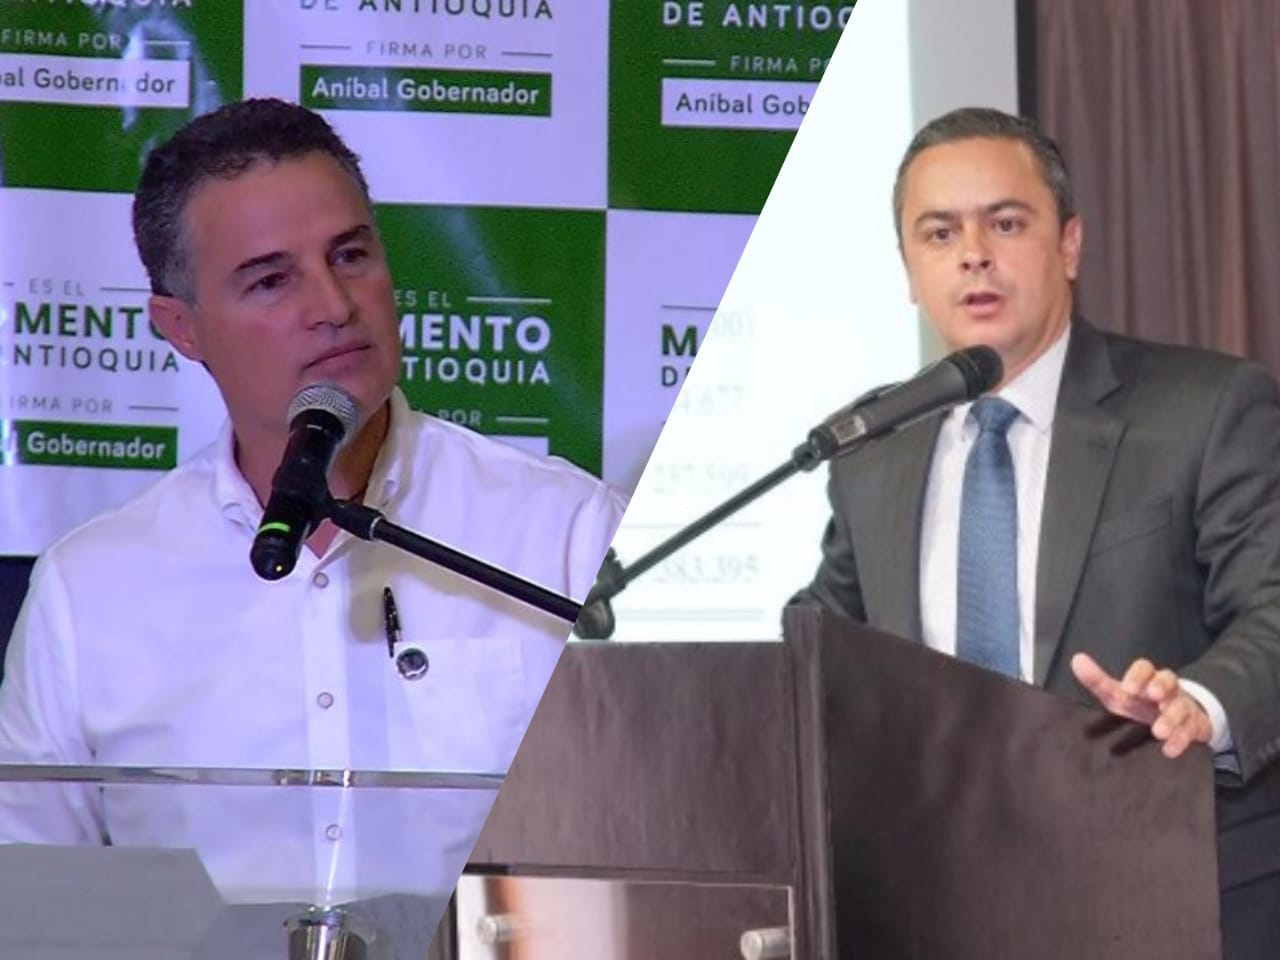 Cuestionamientos de Juan Camilo Restrepo a Aníbal Gaviria por la FLA